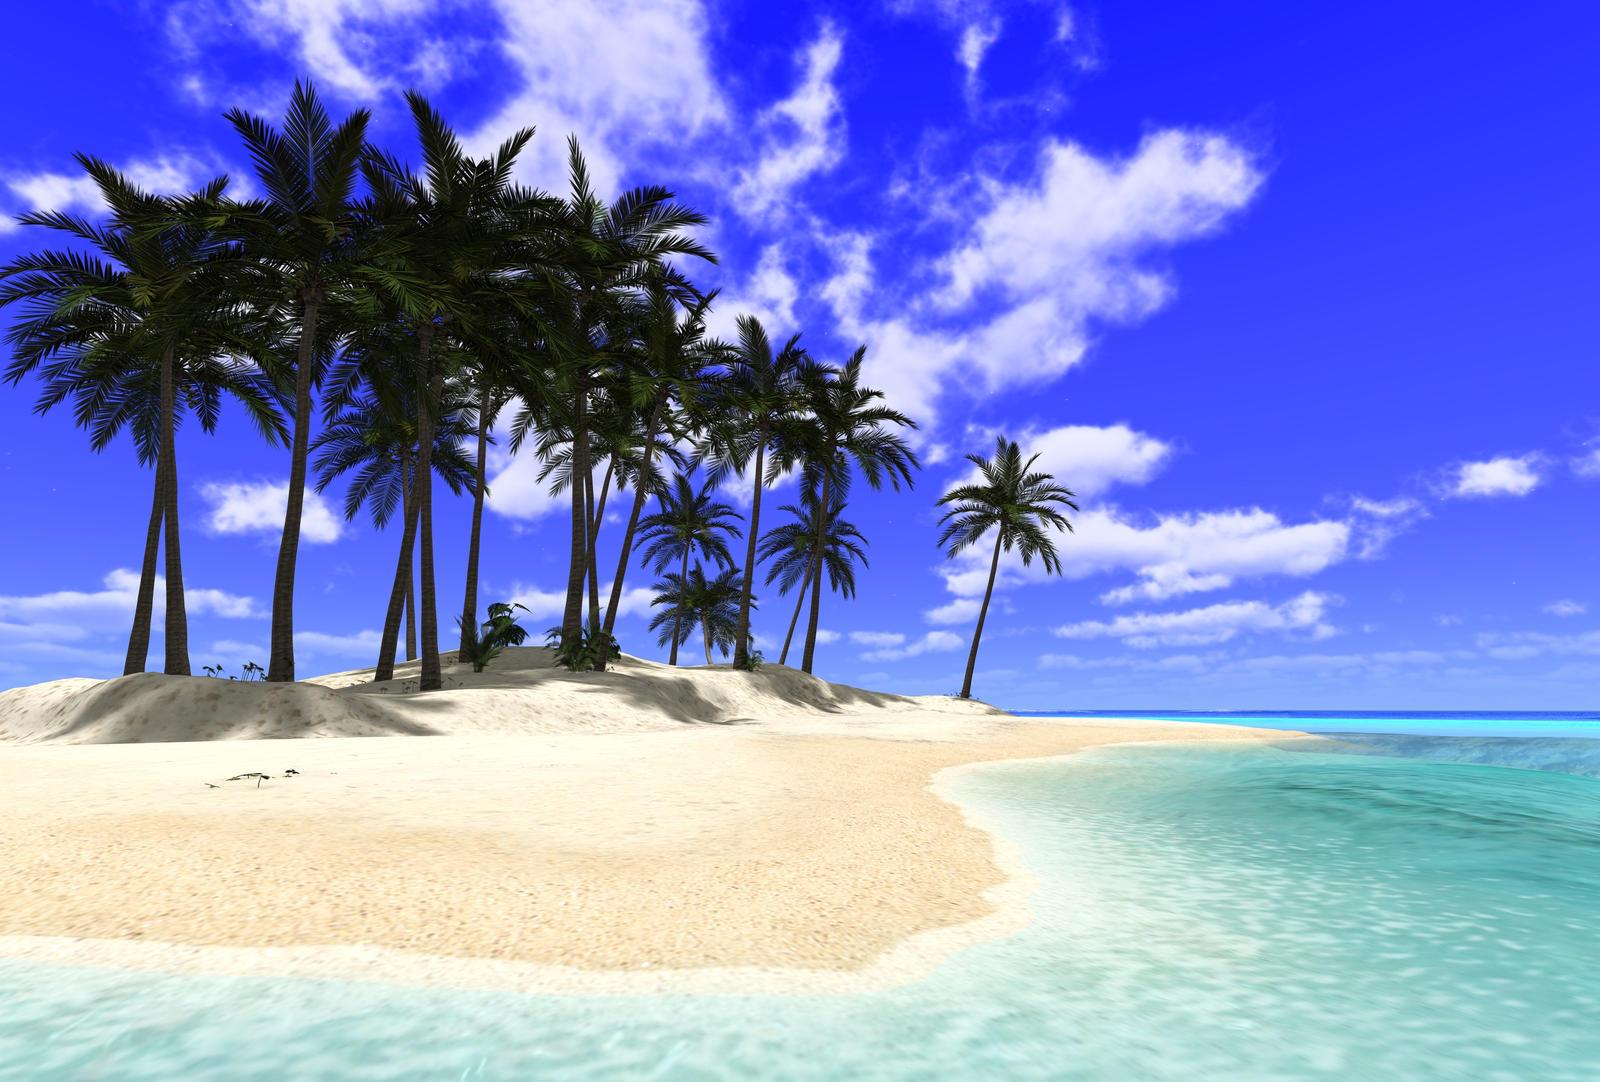 Http Indigodeep Deviantart Com Art Beachy Keen Premade Scene 256064509